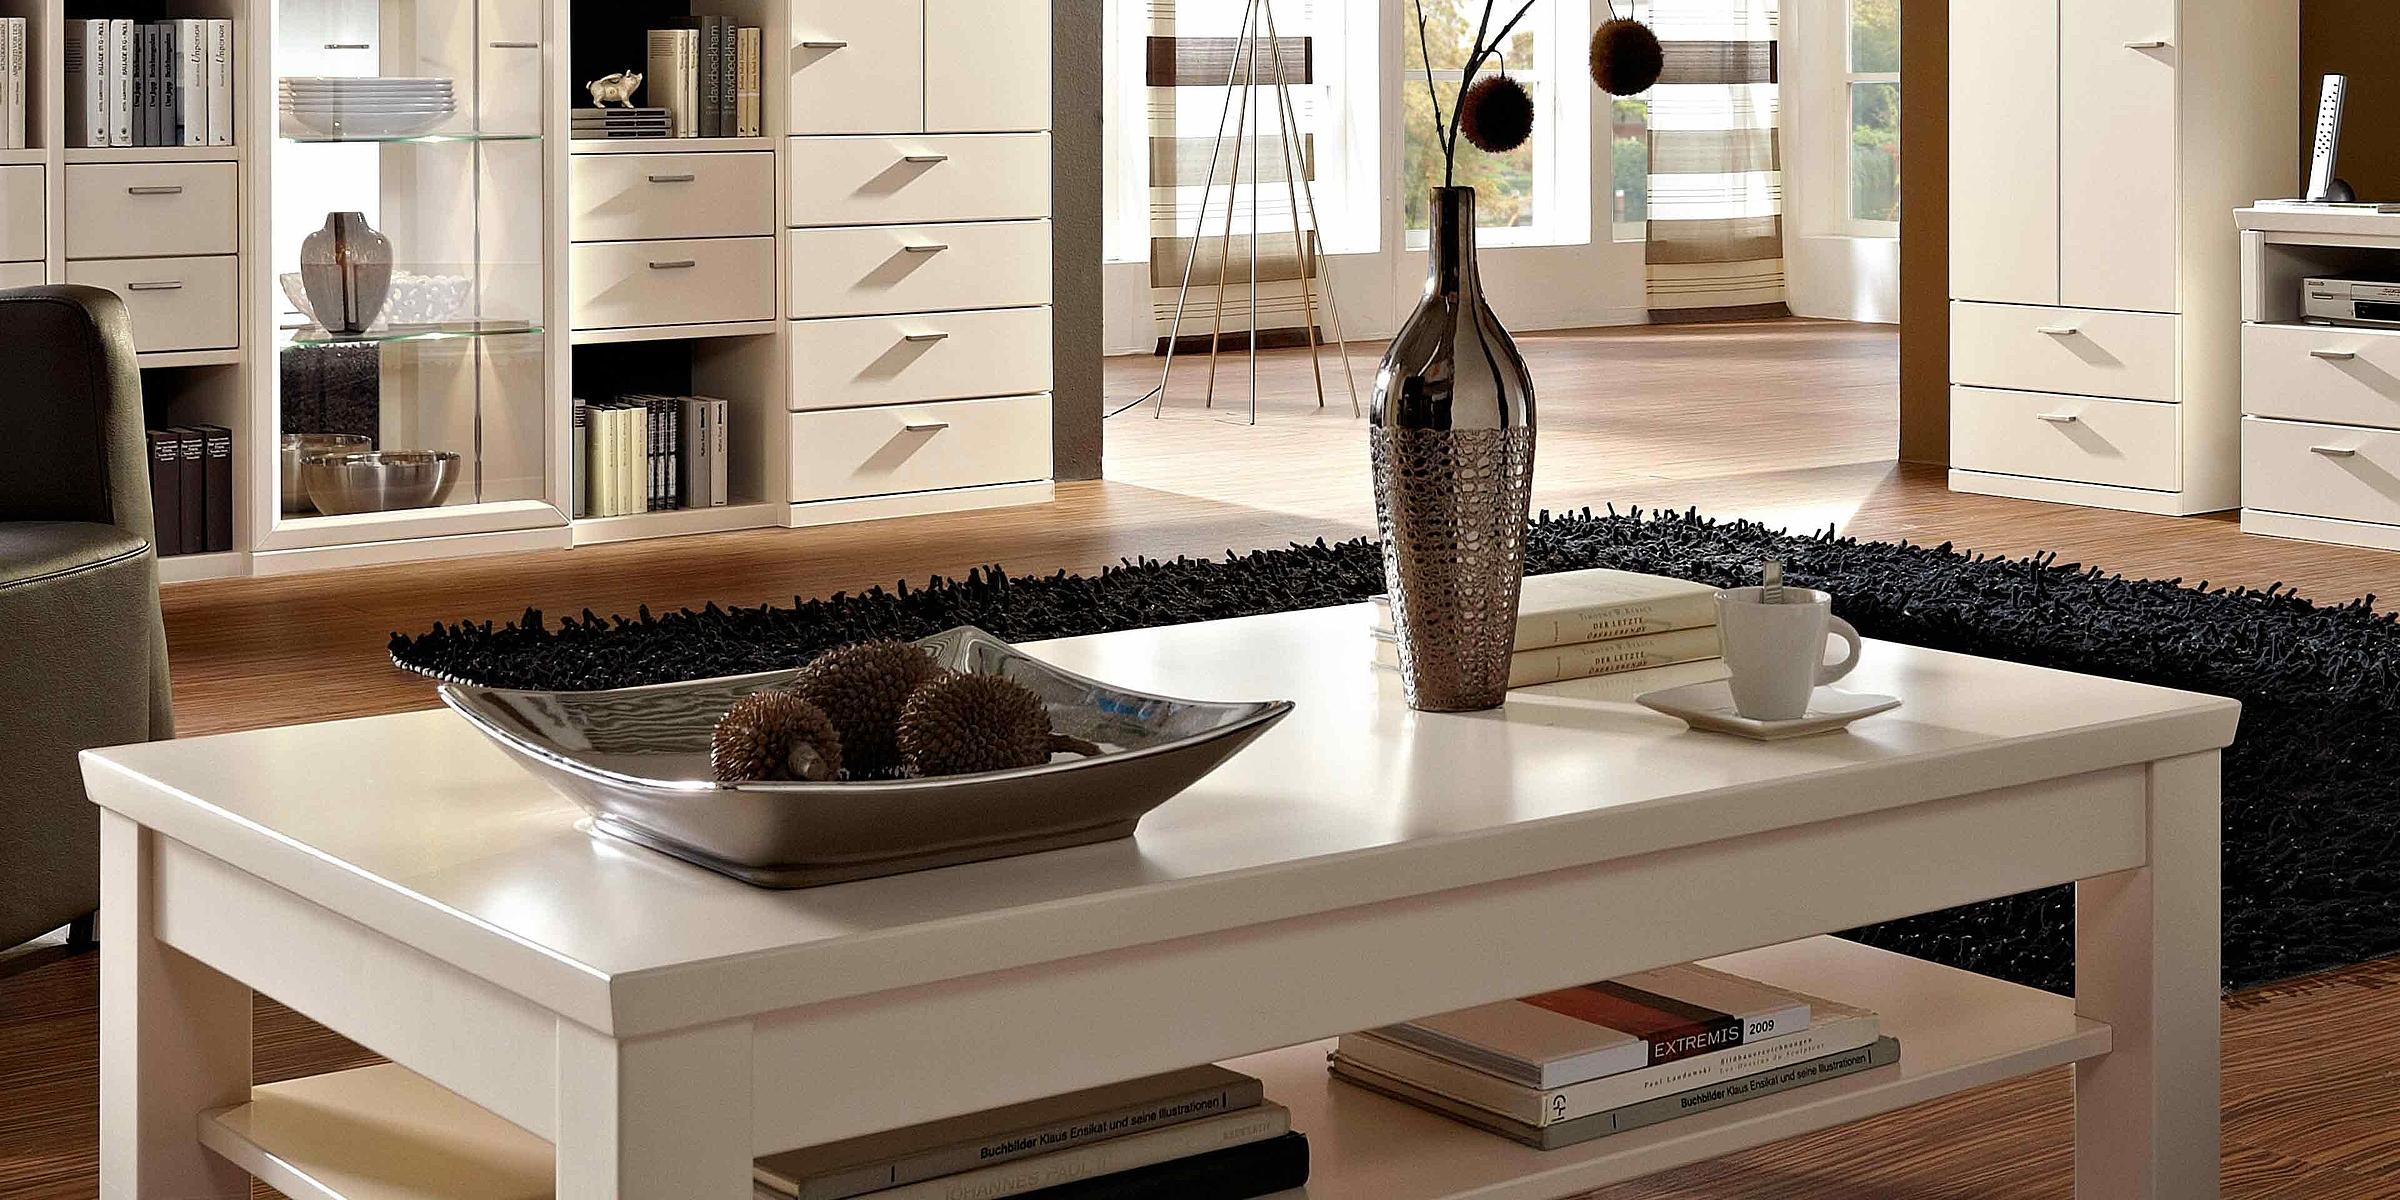 Couchtisch Wohnzimmer Dacapo